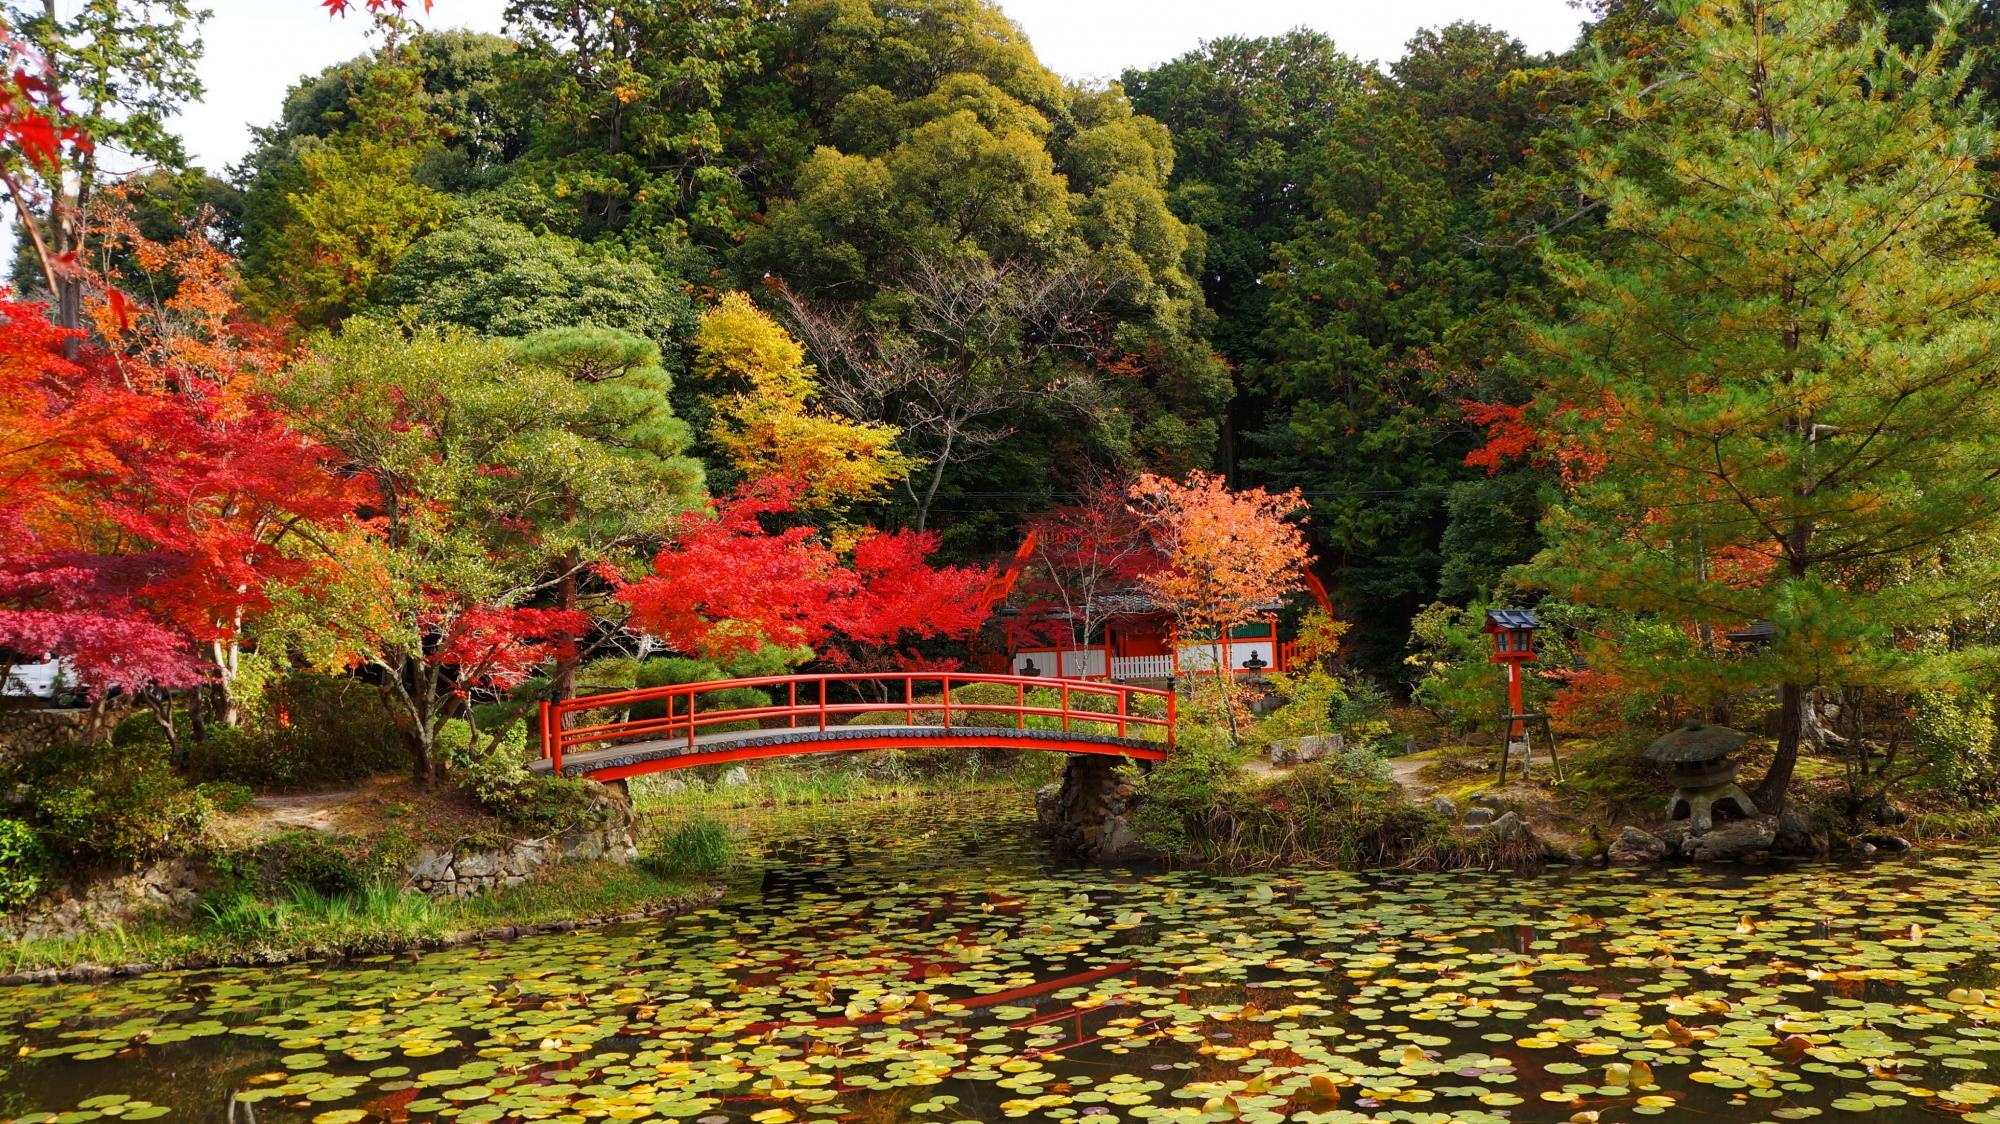 大原野神社の鯉沢の池と紅葉